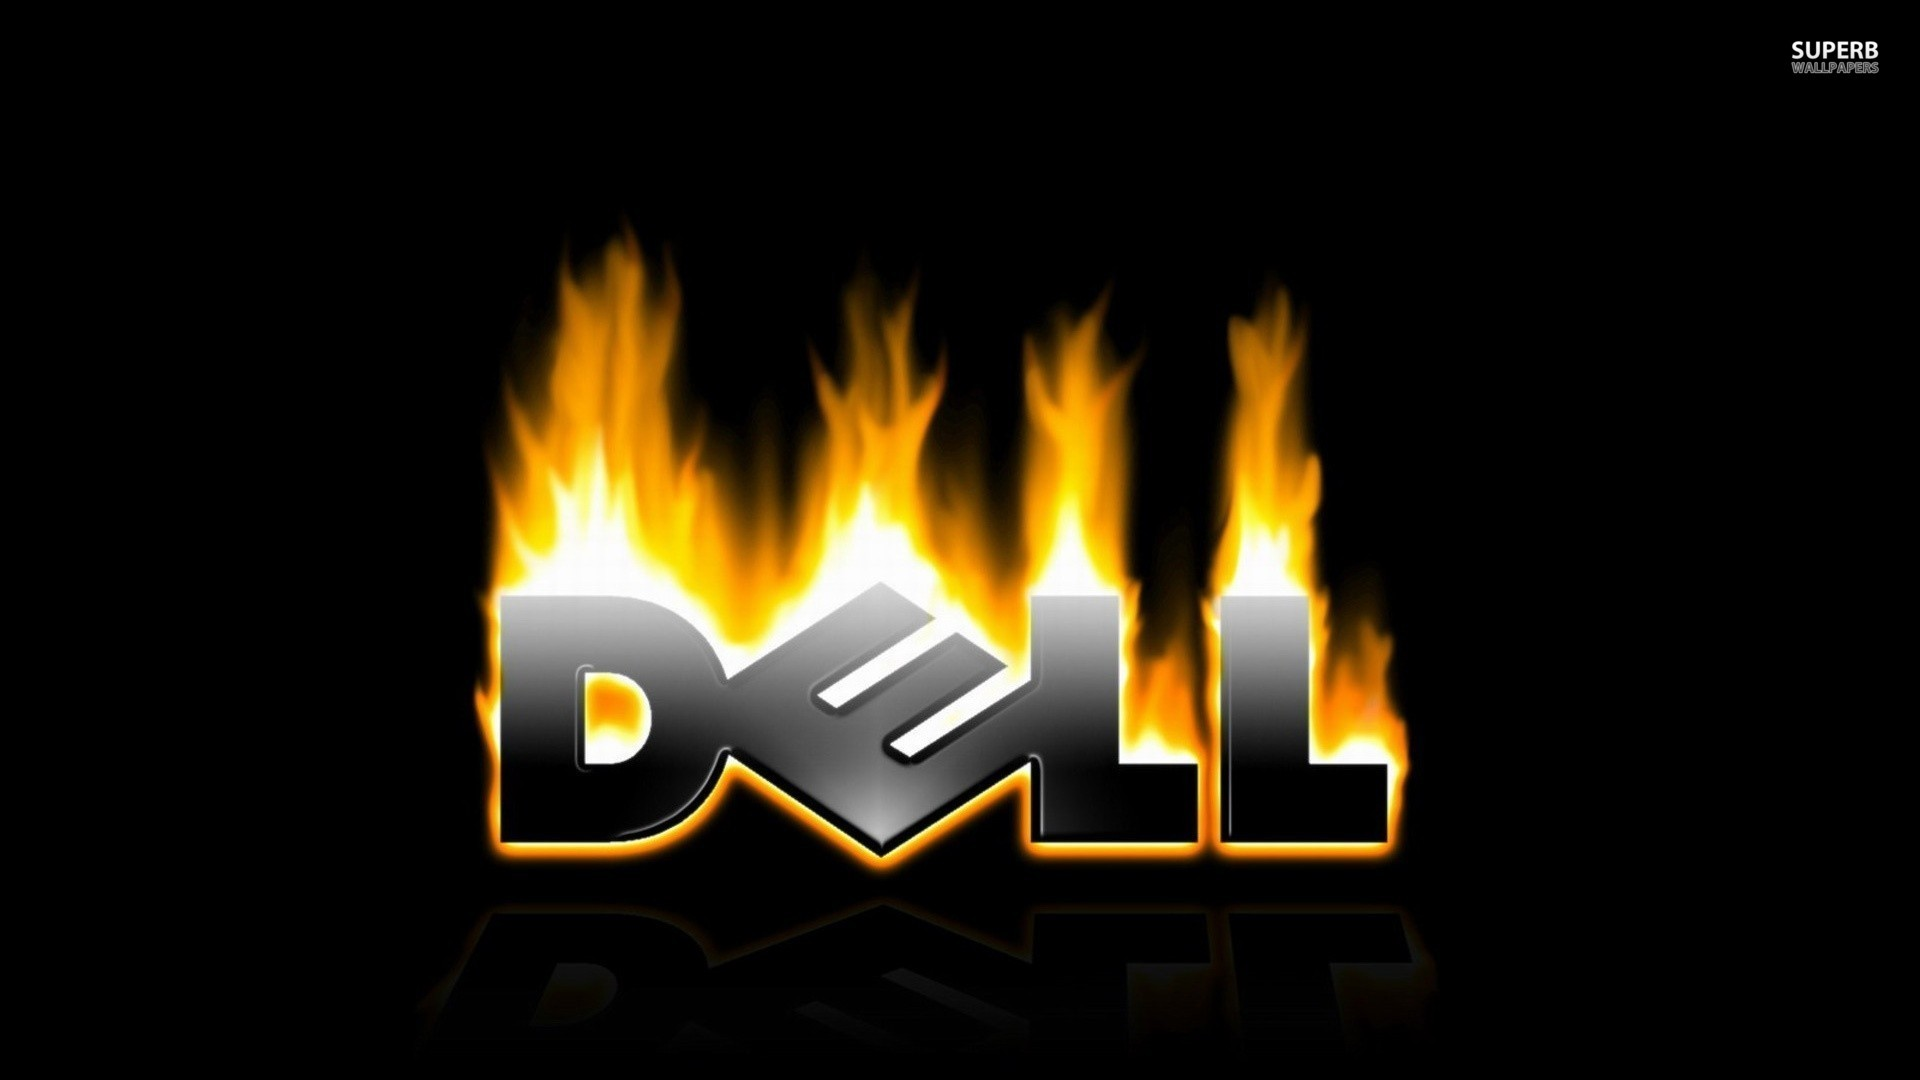 Dell Logo Jpg